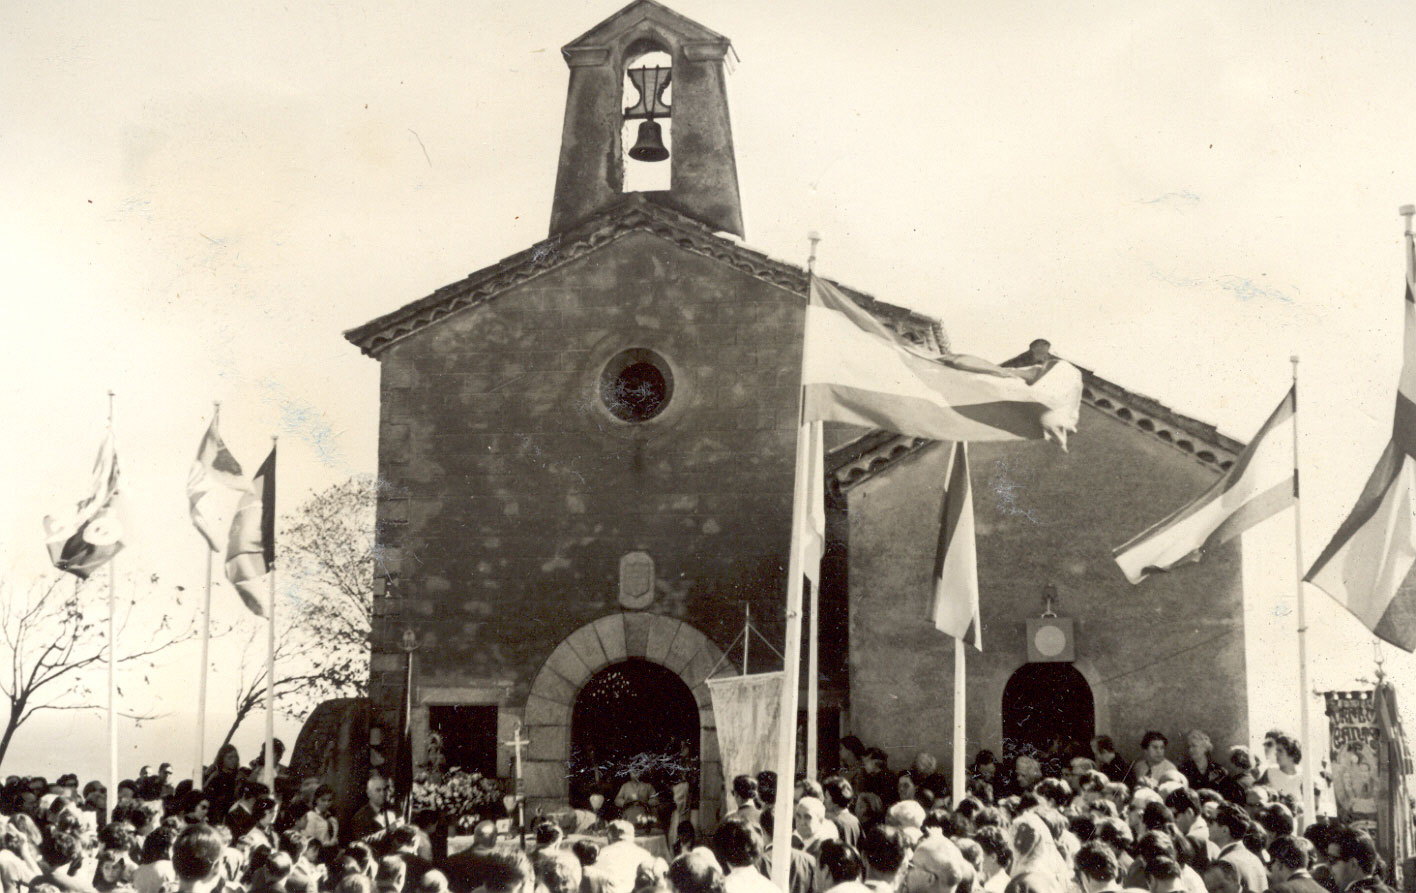 Vista general de Sant Elm plena de gent oïnt missa durant l'Aplec del Bonviatge als anys 60 AMSFG. Fons Enric Figueras (Autor: desconegut)